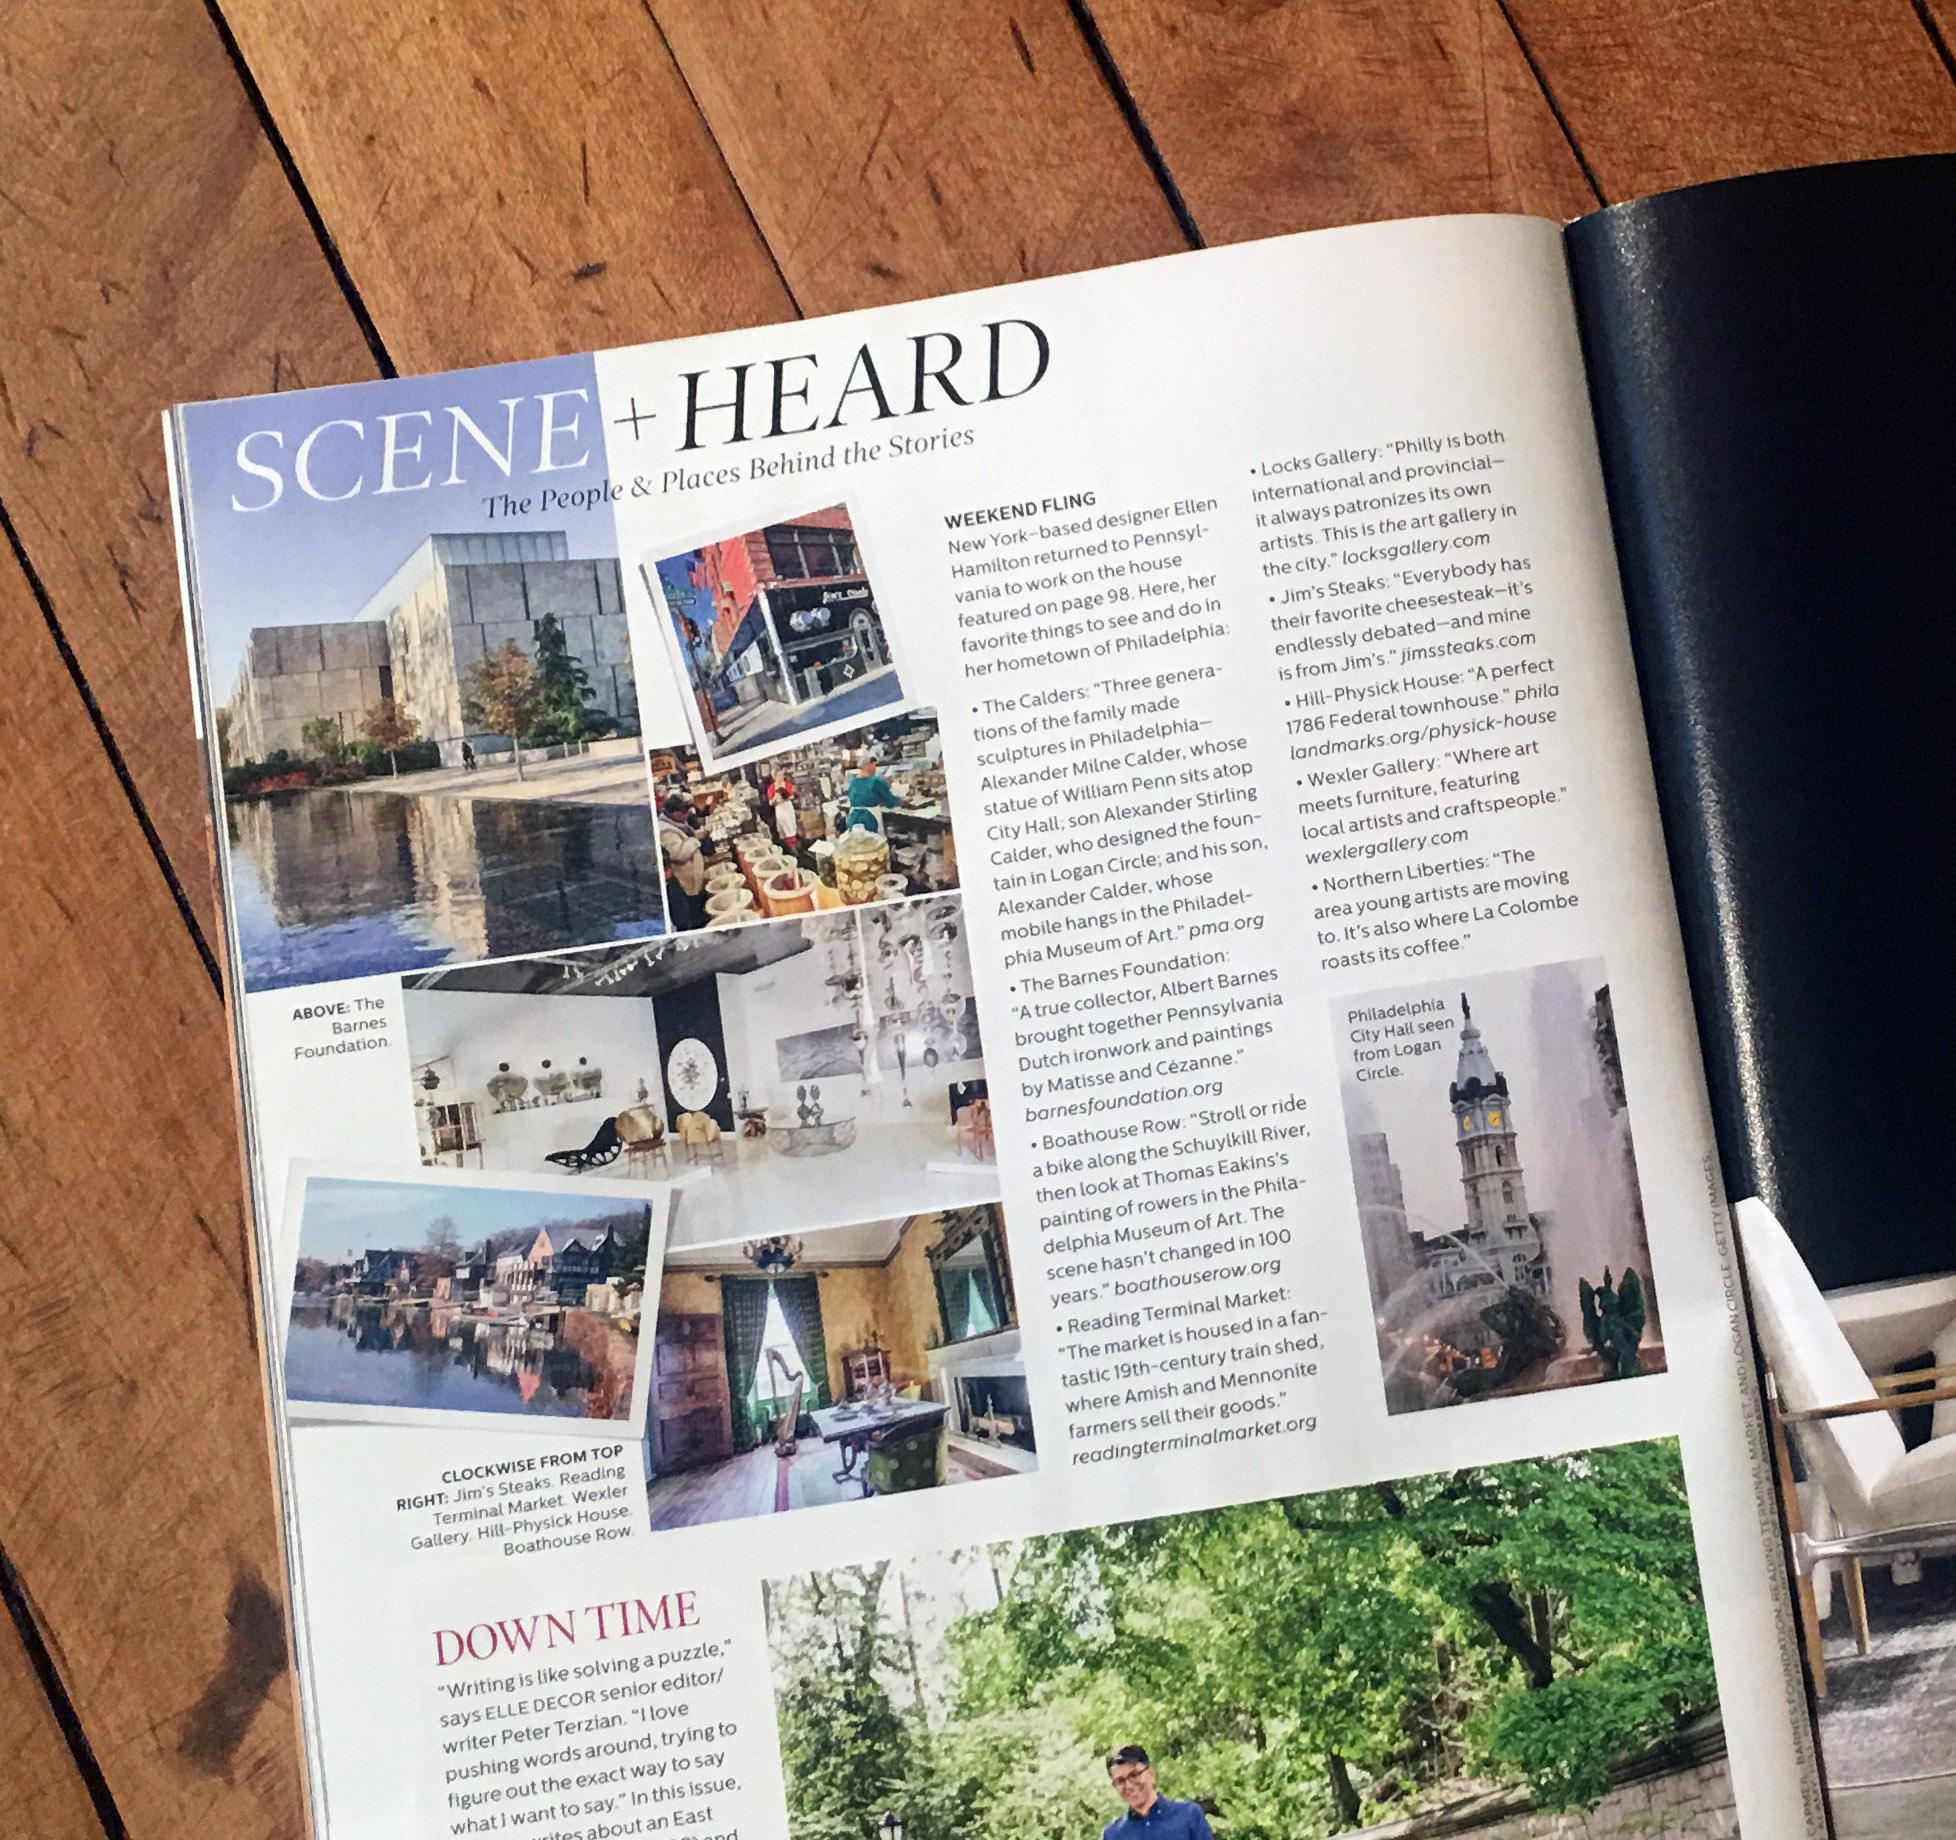 Scene + Heard Page from July Elle Decor.